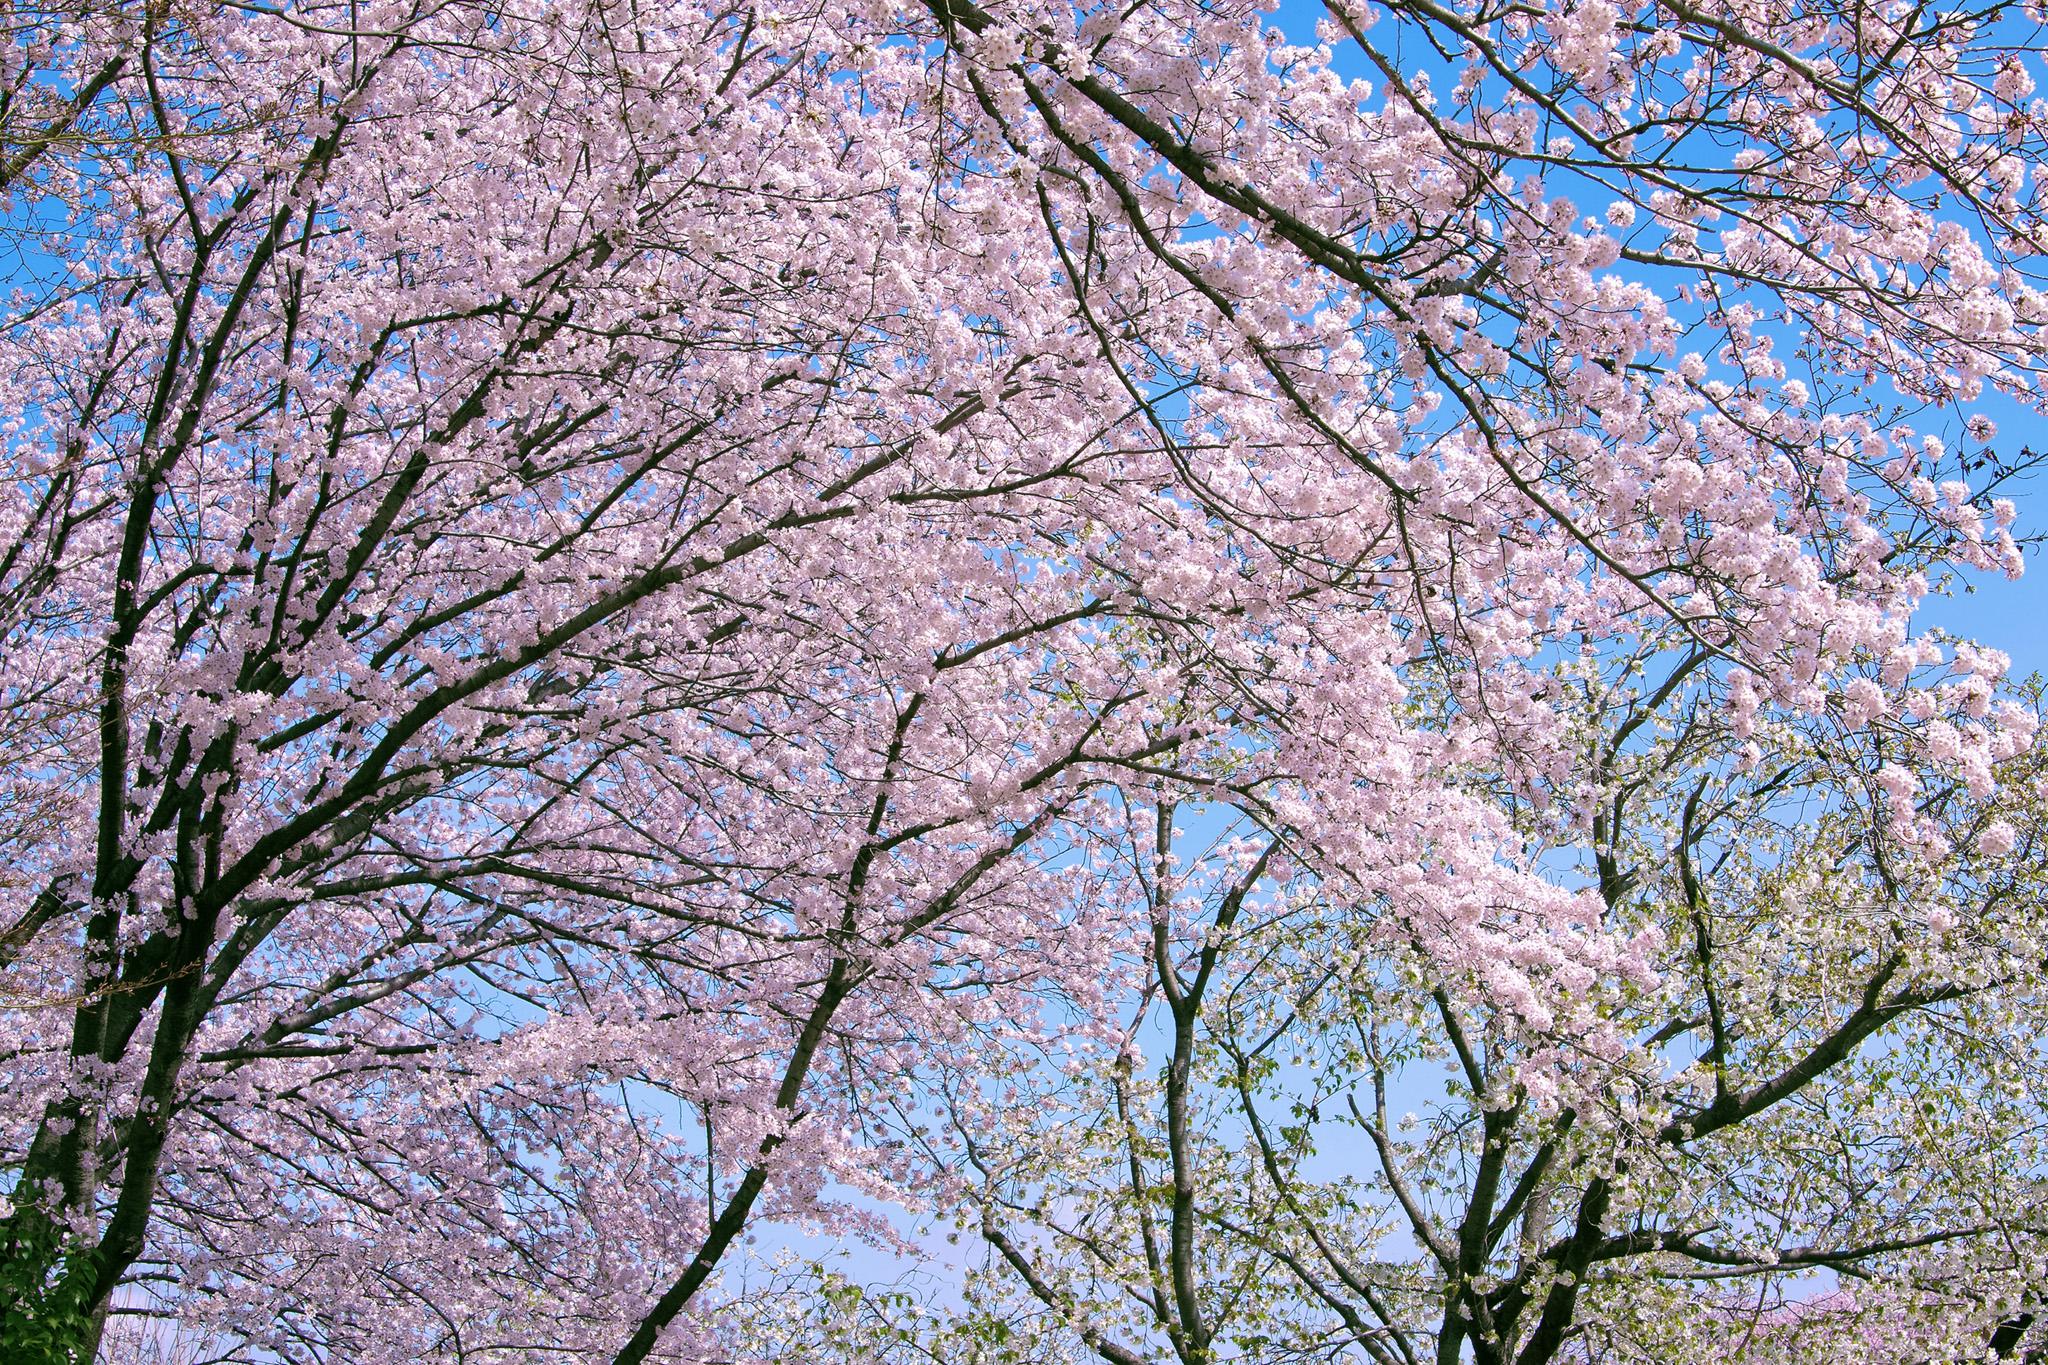 「満開の花を付けて垂れ下がる桜」